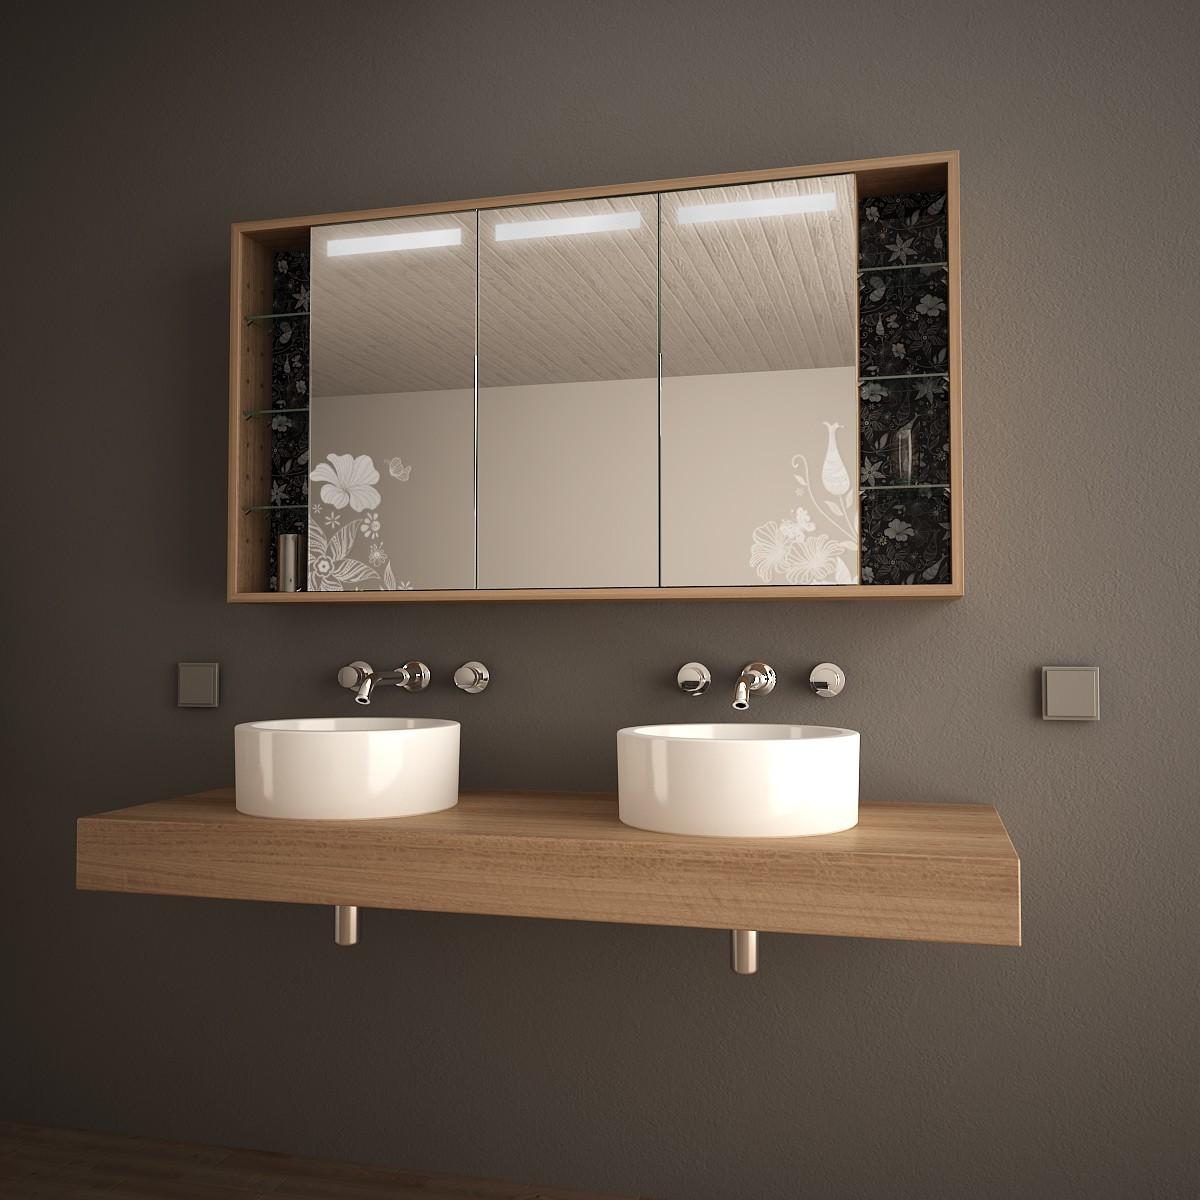 Holz-Spiegelschrank mit LED Hermosa 989705253